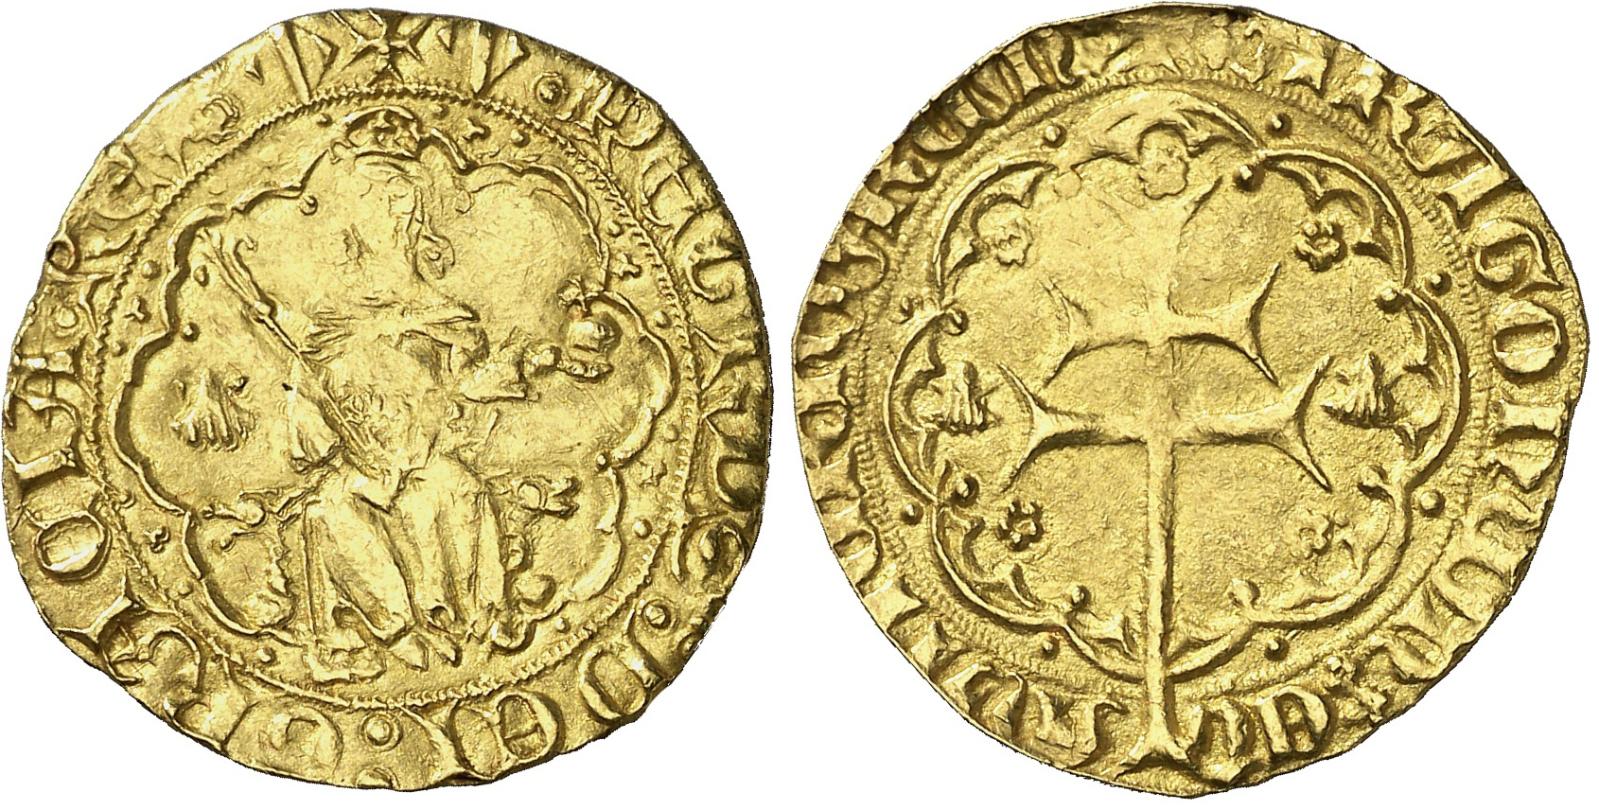 """Rals d'or de Pere I de Mallorca (variantes del tipo """"venera"""") I55dn6"""